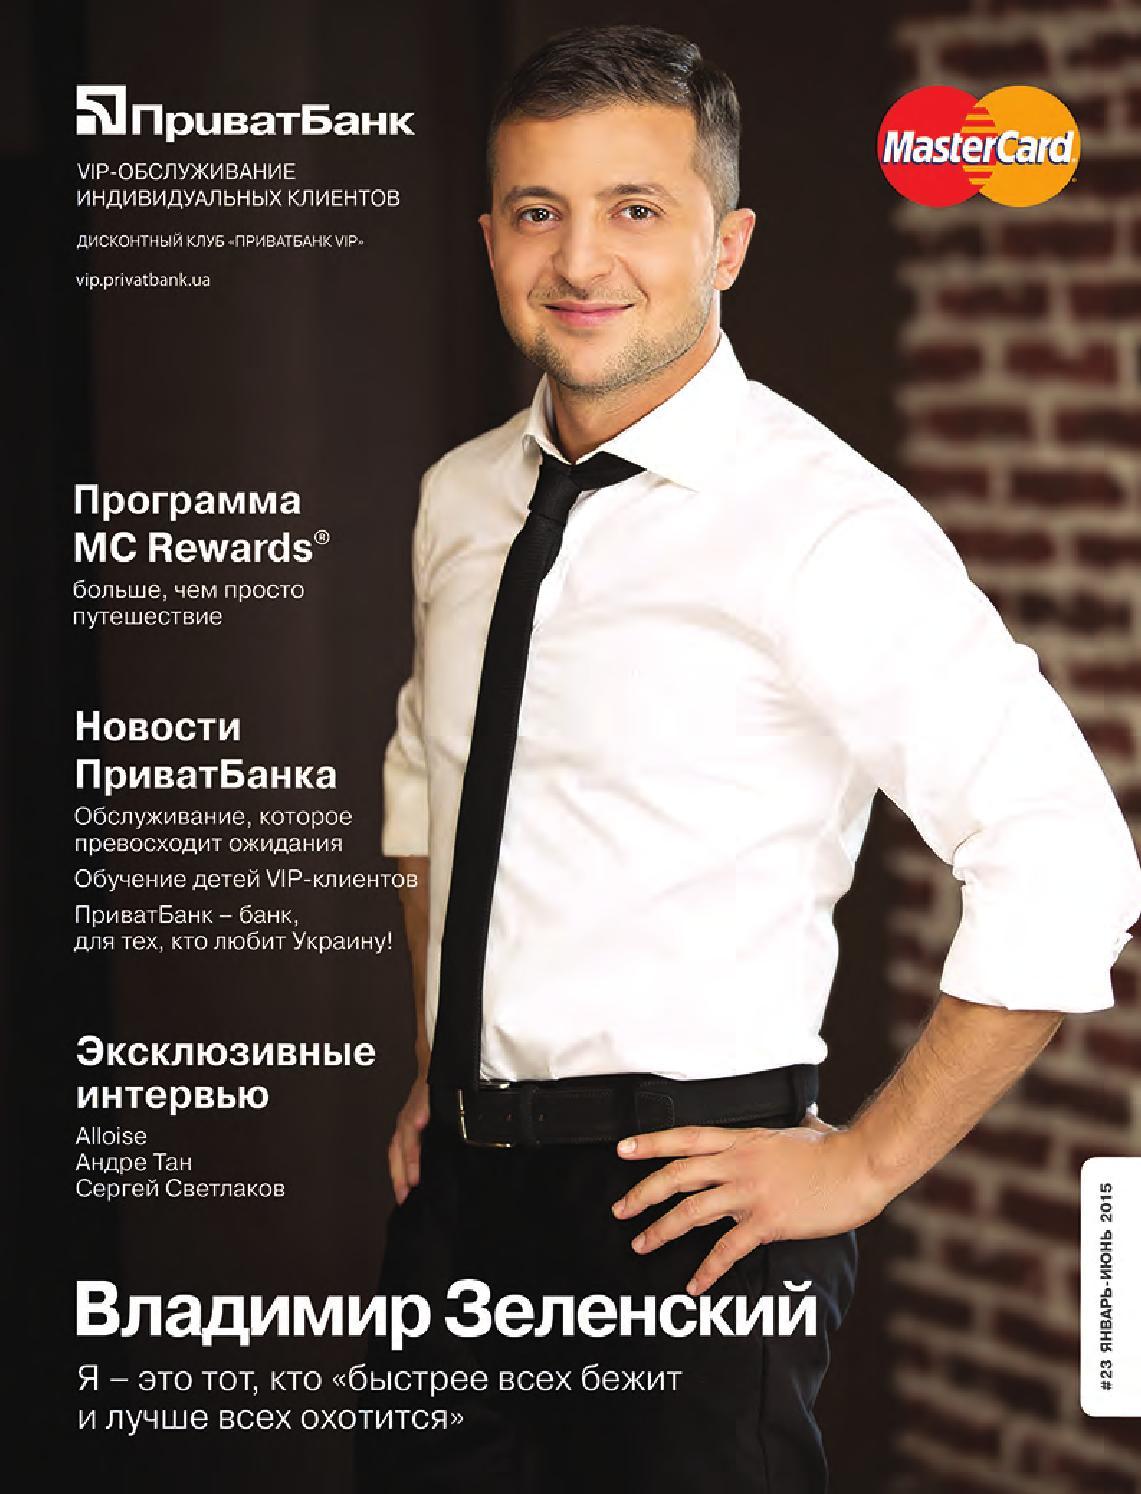 Pb 23 rus by week-end week-end - issuu 79cb7091318